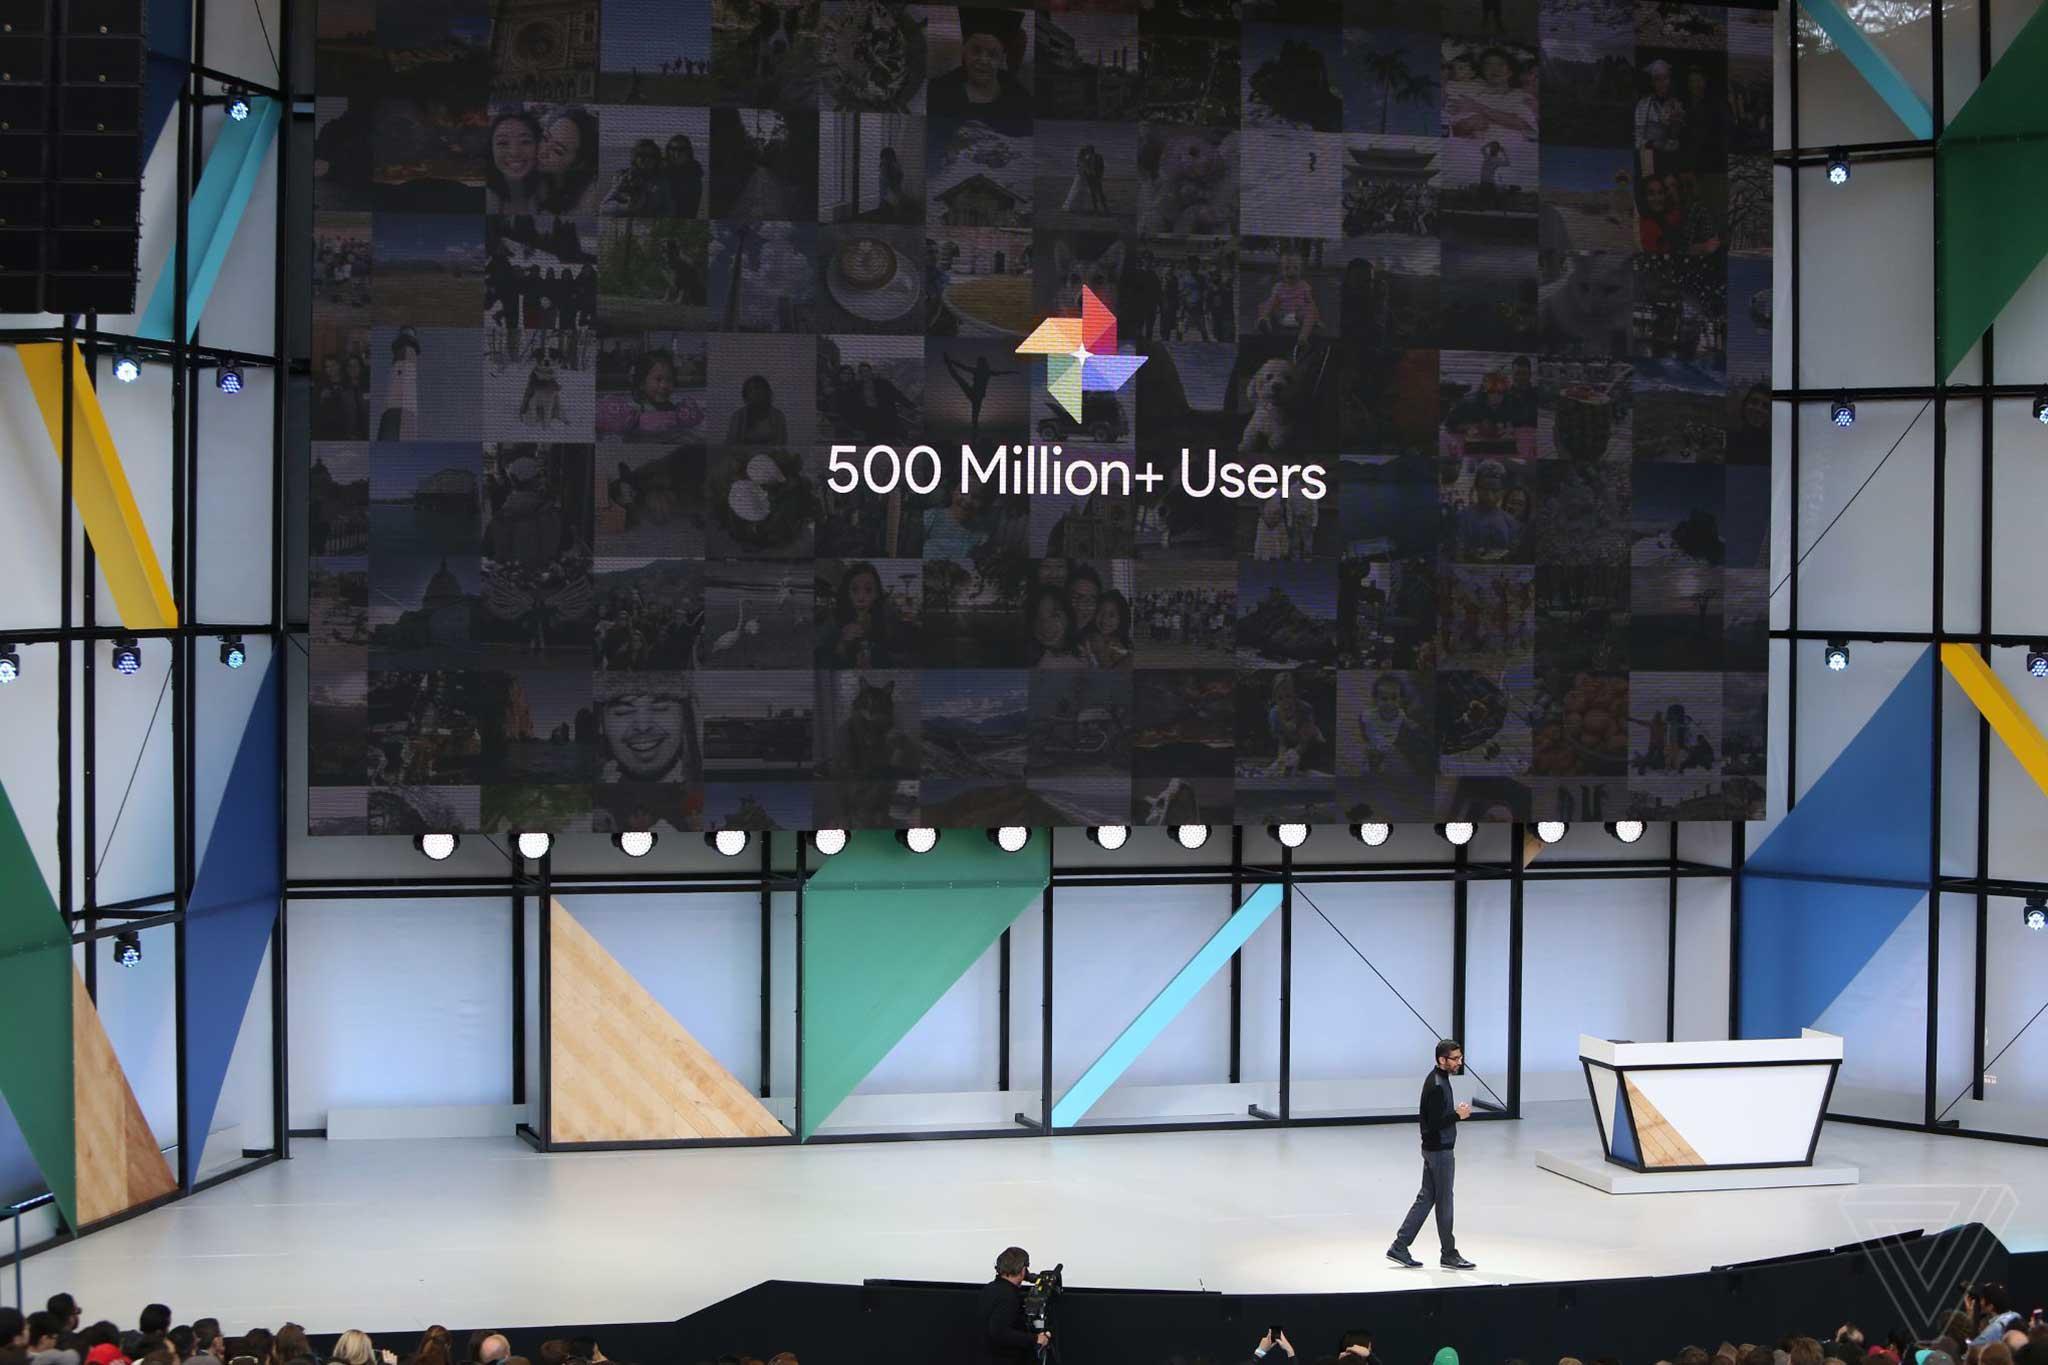 có 2 tỷ người sử dụng điện thoại android